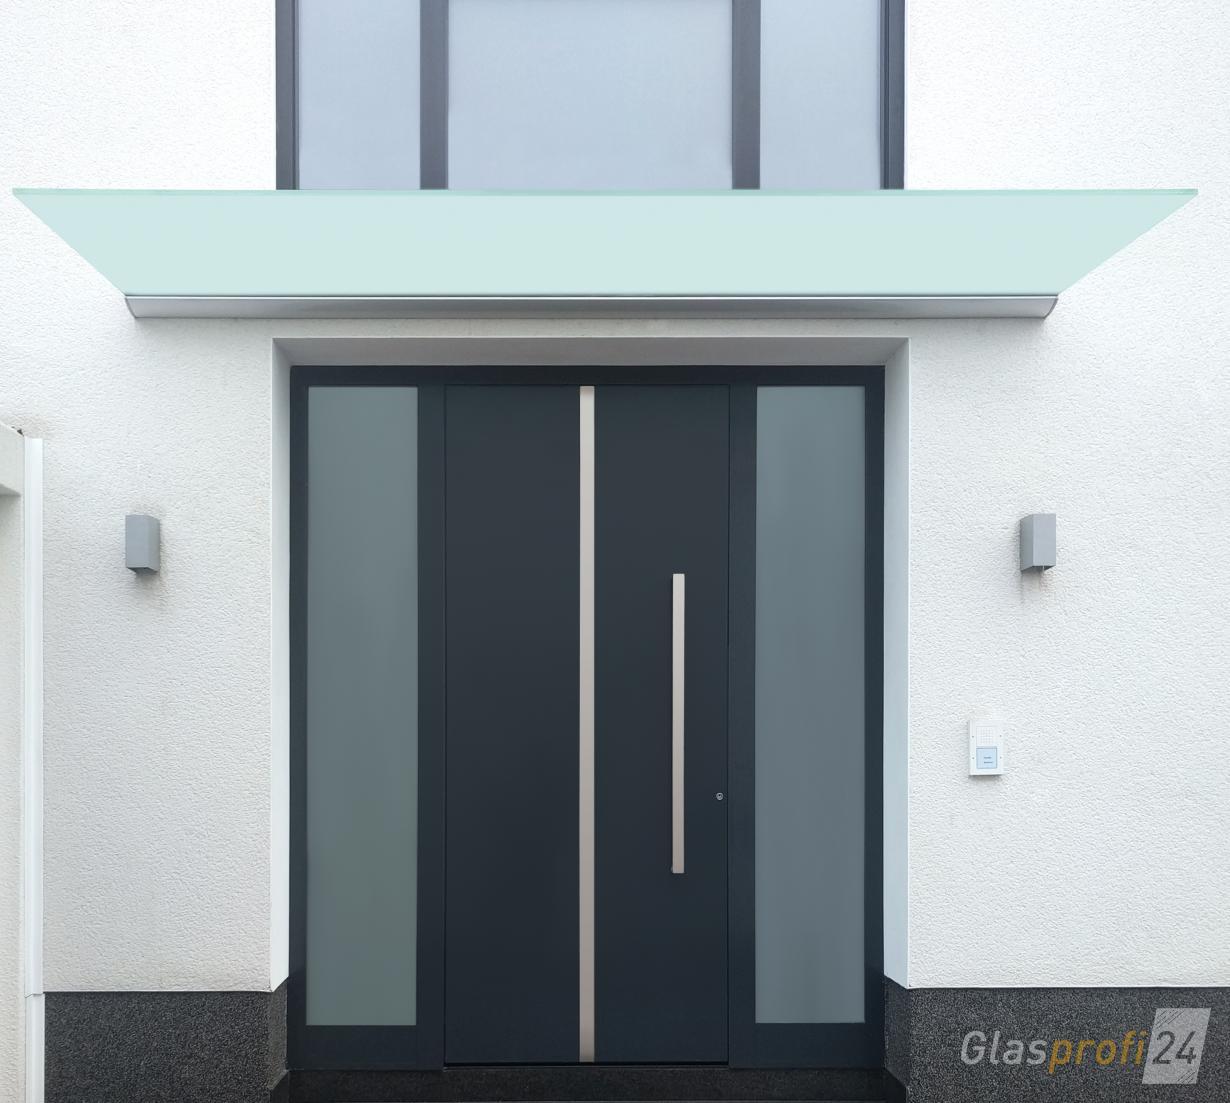 vordach dura ein freitragendes vordach glasprofi24. Black Bedroom Furniture Sets. Home Design Ideas